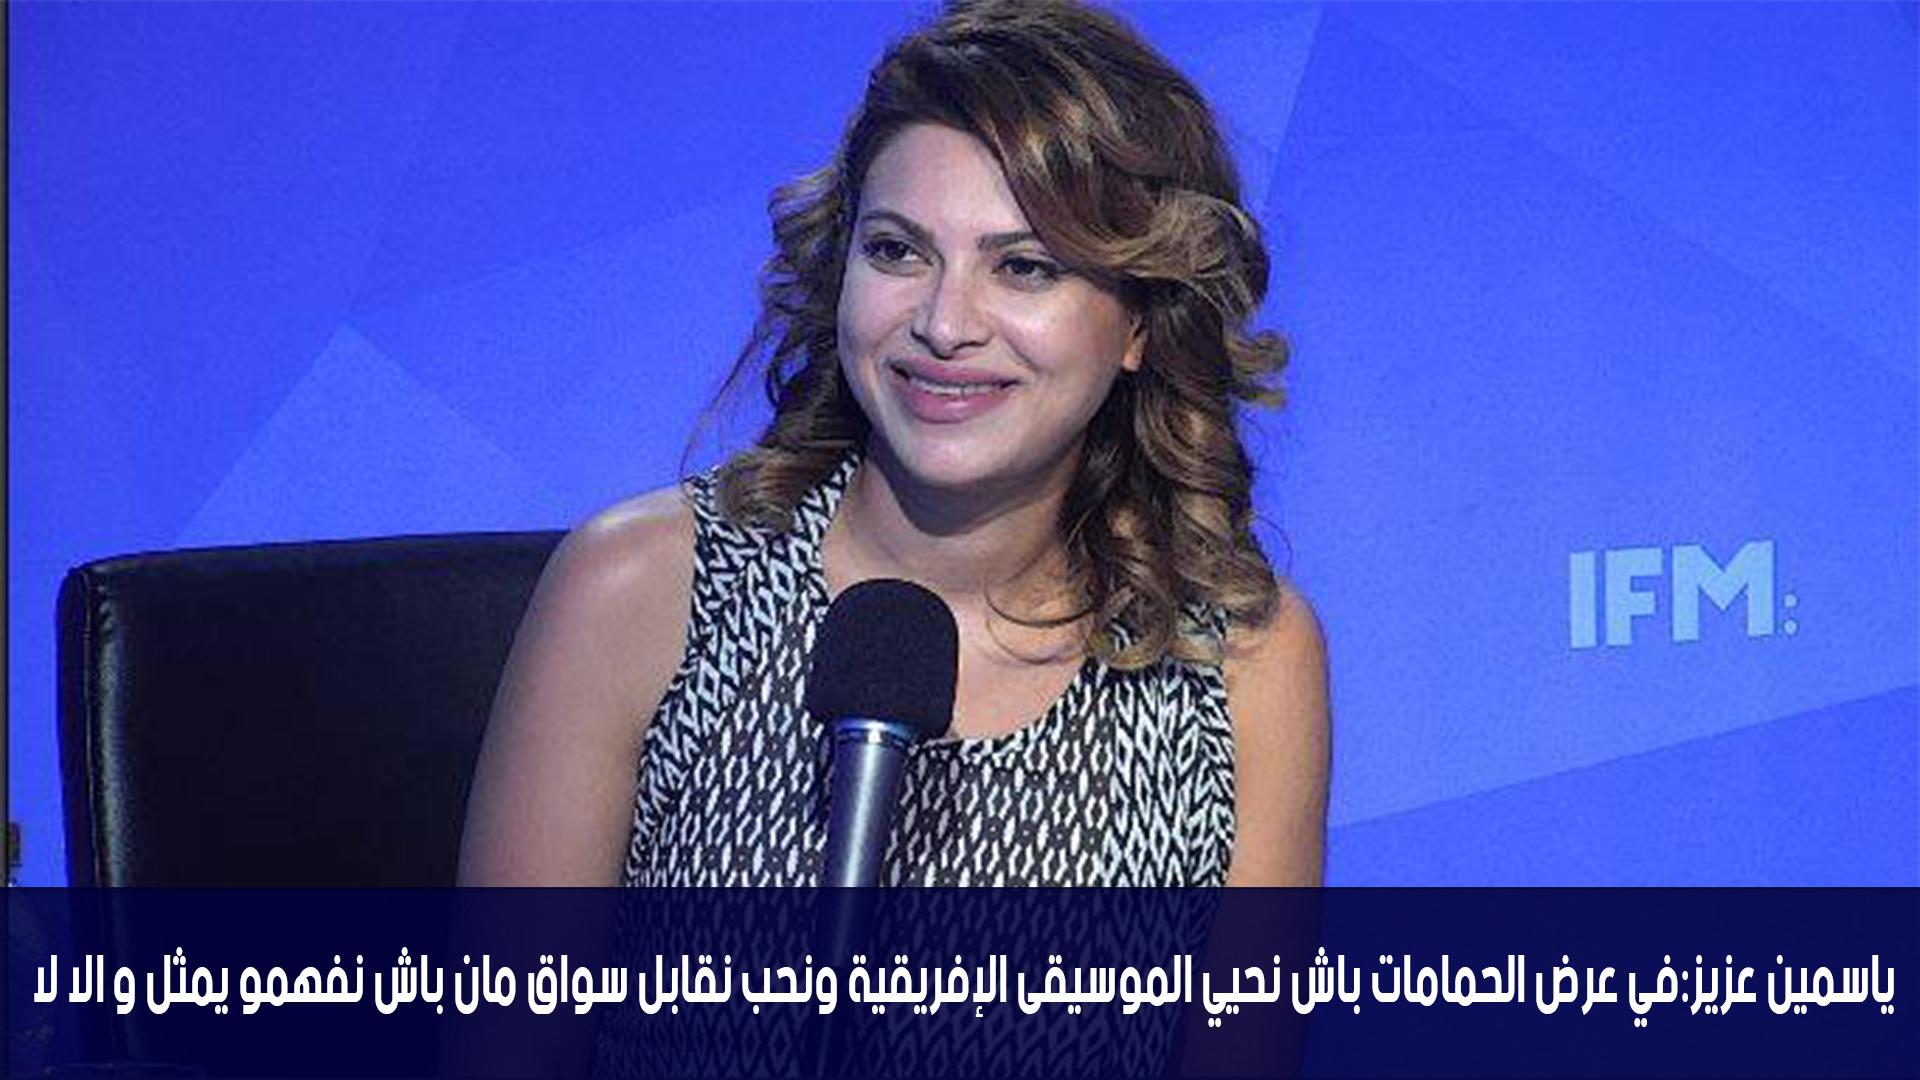 ياسمين عزيز:في عرض الحمامات باش نحيي الموسيقى الإفريقية ونحب نقابل سواغ مان باش نفهمو يمثل و الا لا